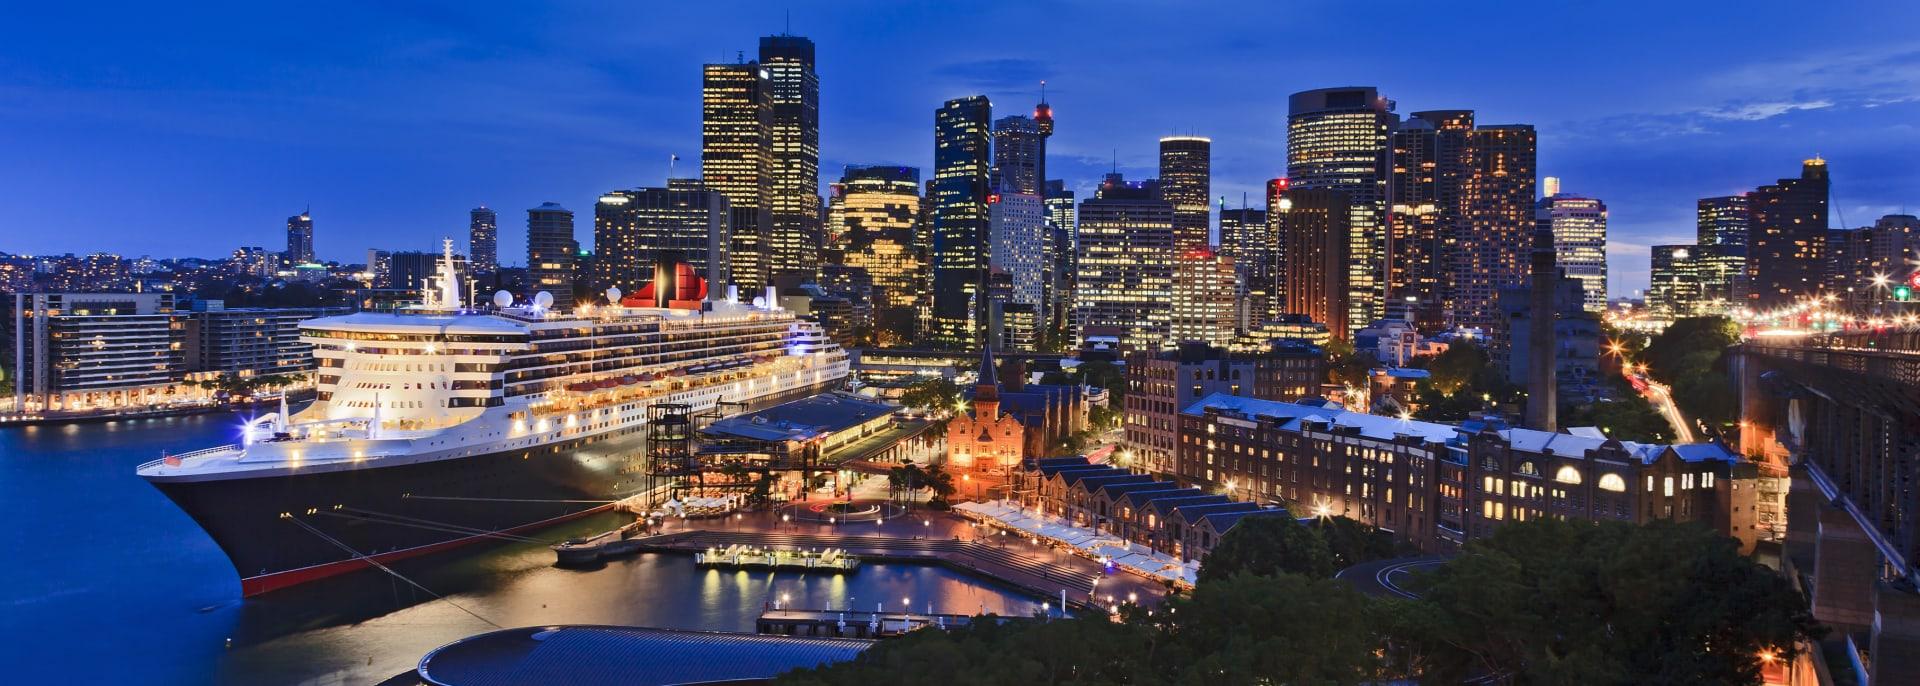 Schiffsreisen, Sydney, Australien